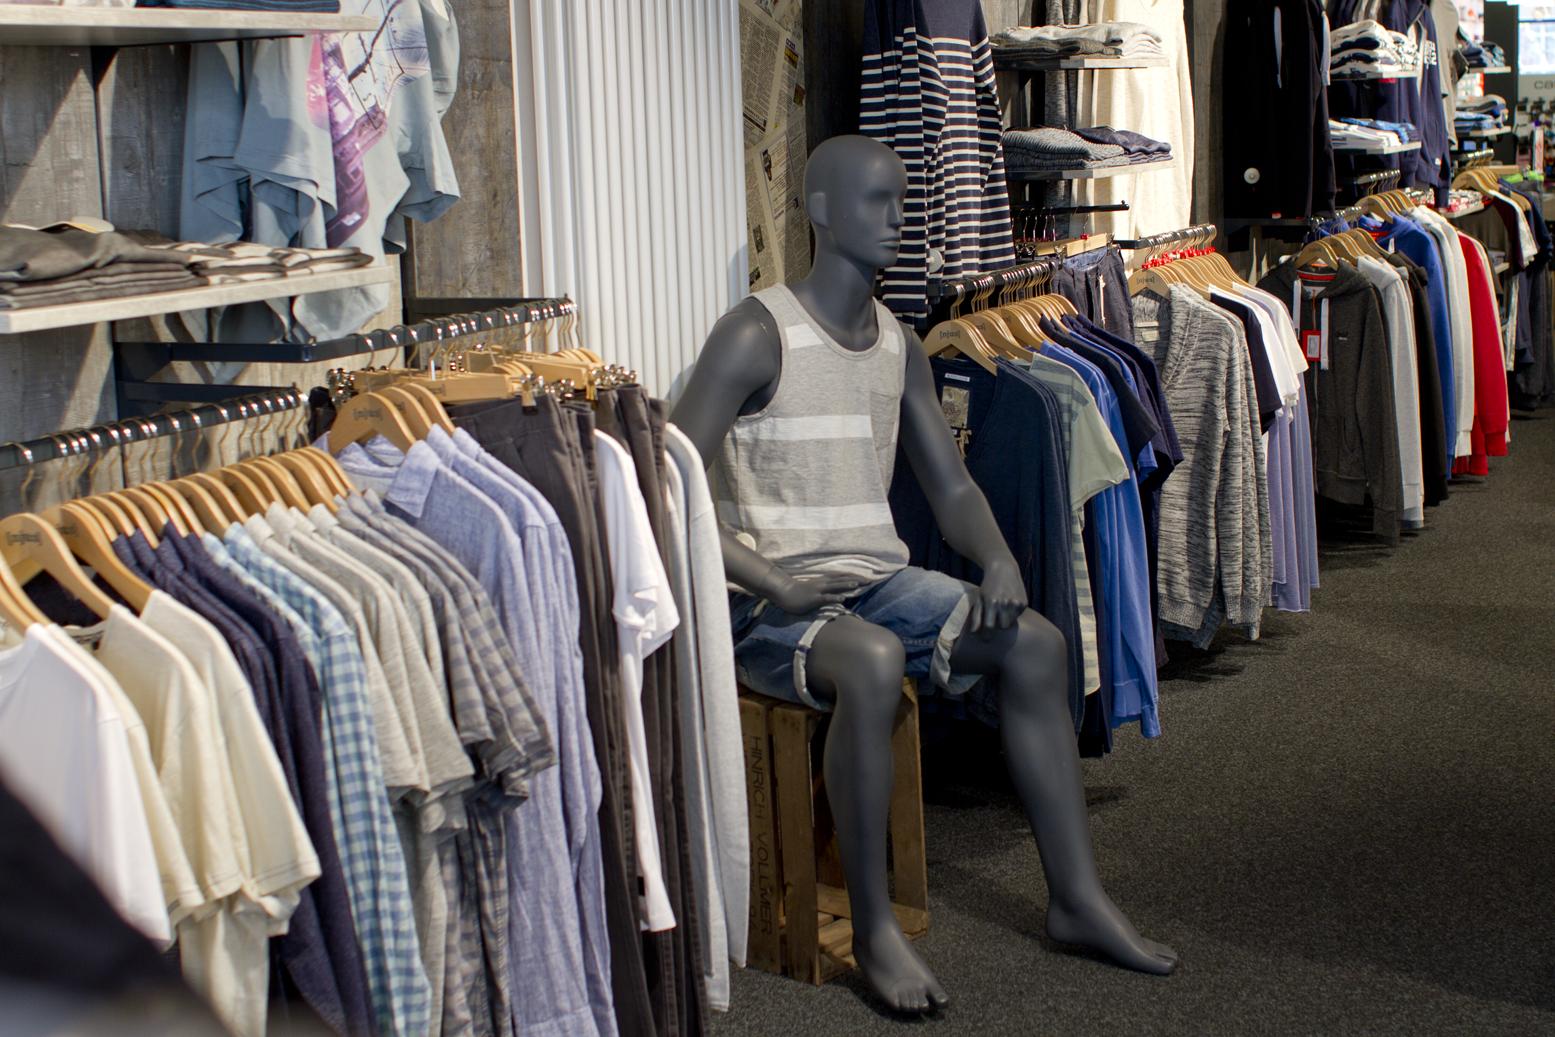 Unser NJU:S-Store in Soltau hat jede Menge Oberteile für Euch: Shirts, Tops, Hemden, Blusen, Jacken, Pullover - you name it.